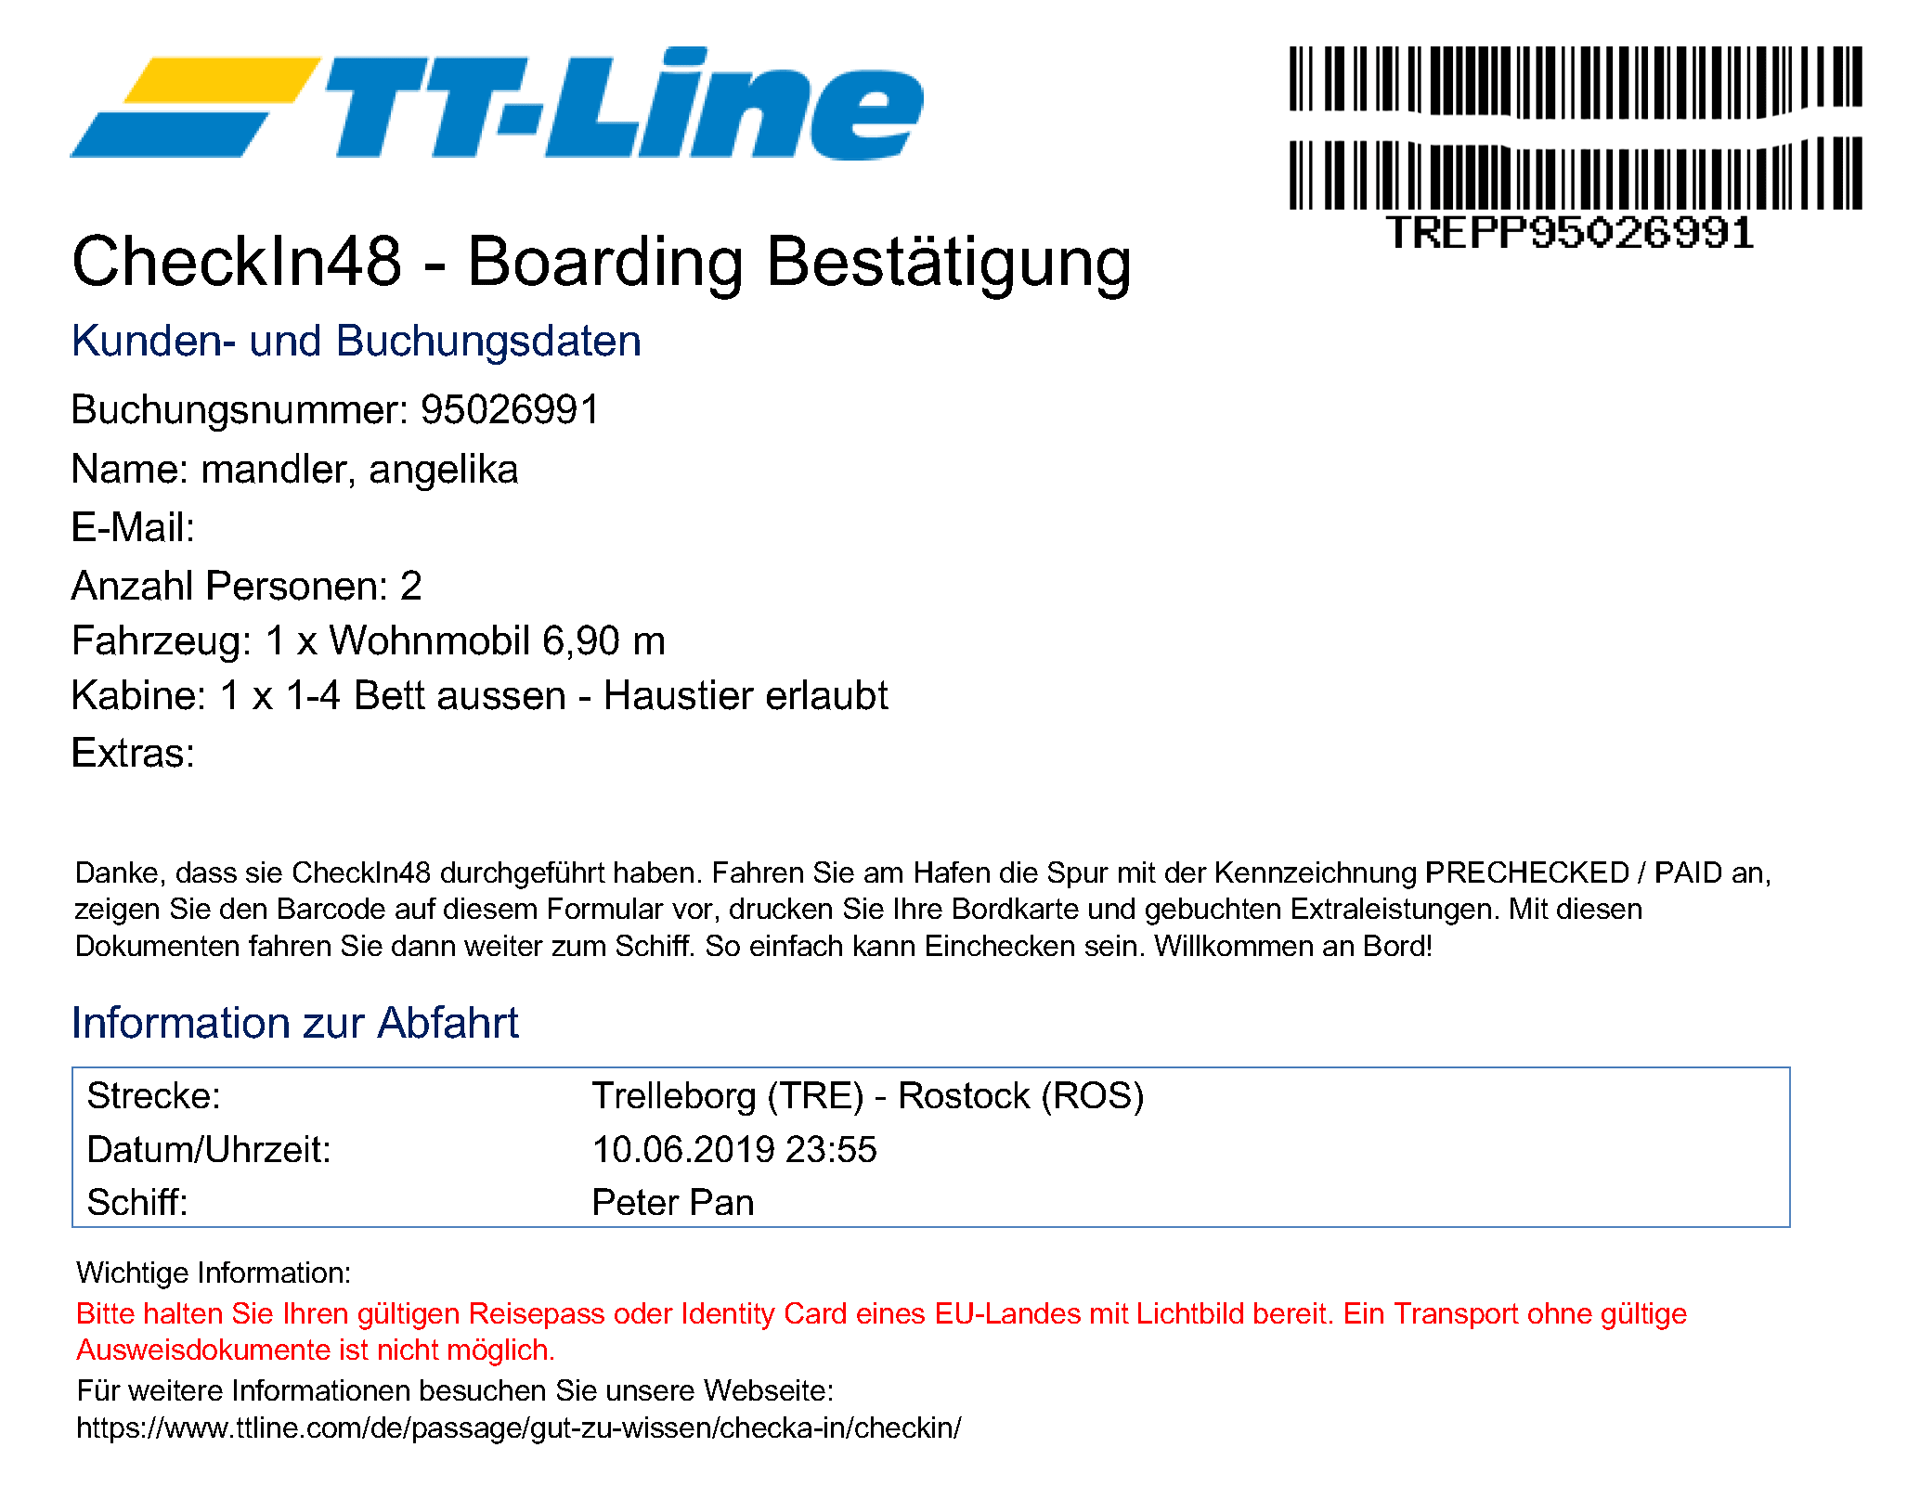 TT Line Online Checkin Bestätigung Schweden Trelleborg Dokument